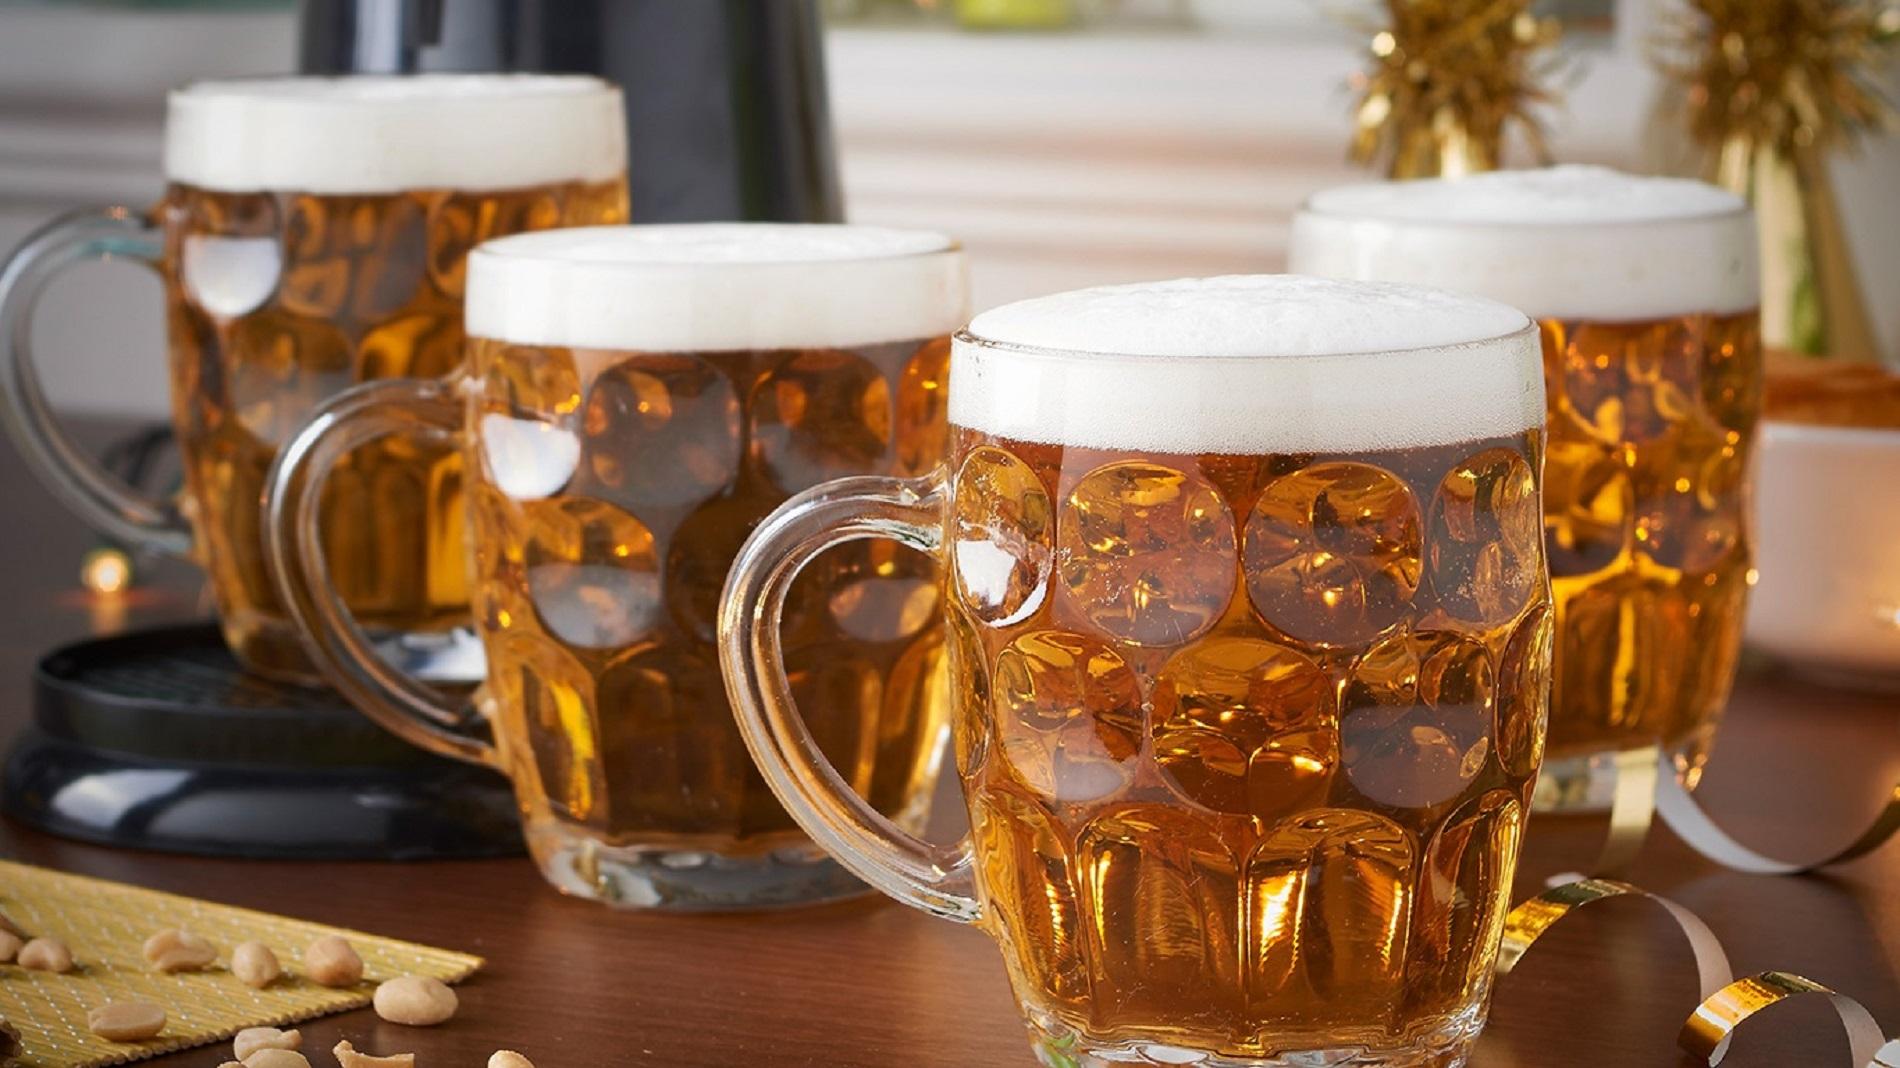 картинки пиво в кружке разливное посмотреть черный молотый перец